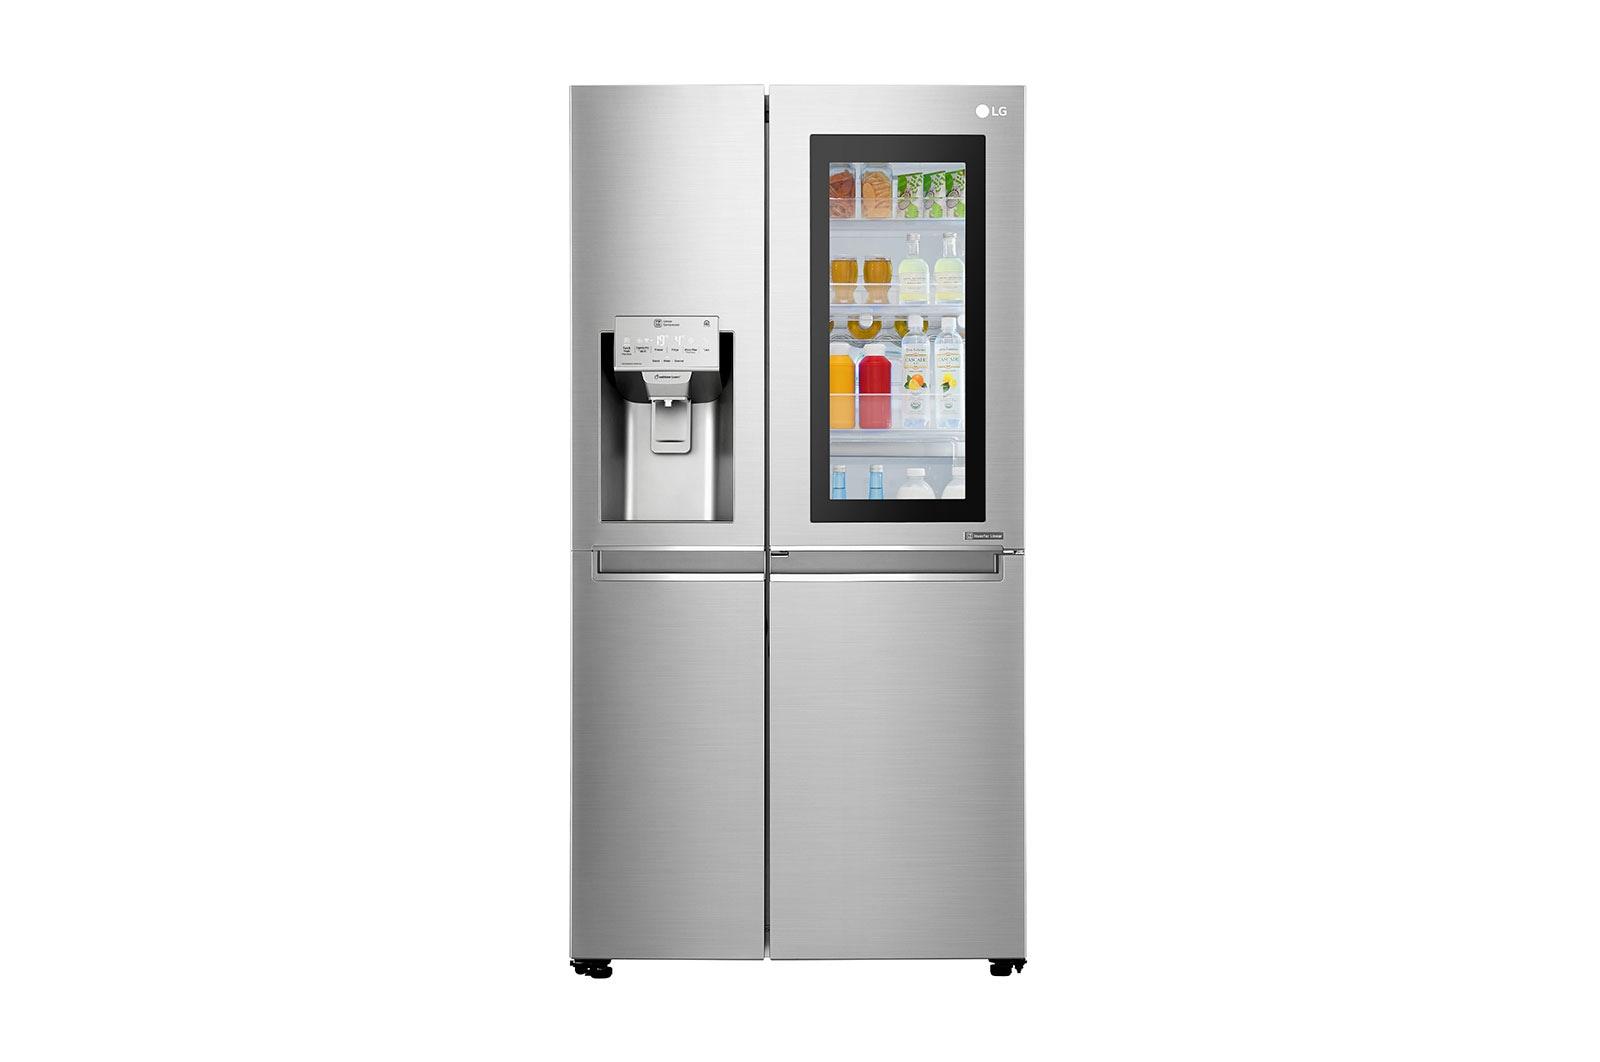 LG GSX960NSVZ frigorifero side-by-side Libera installazione 668 L F Acciaio inossidabile